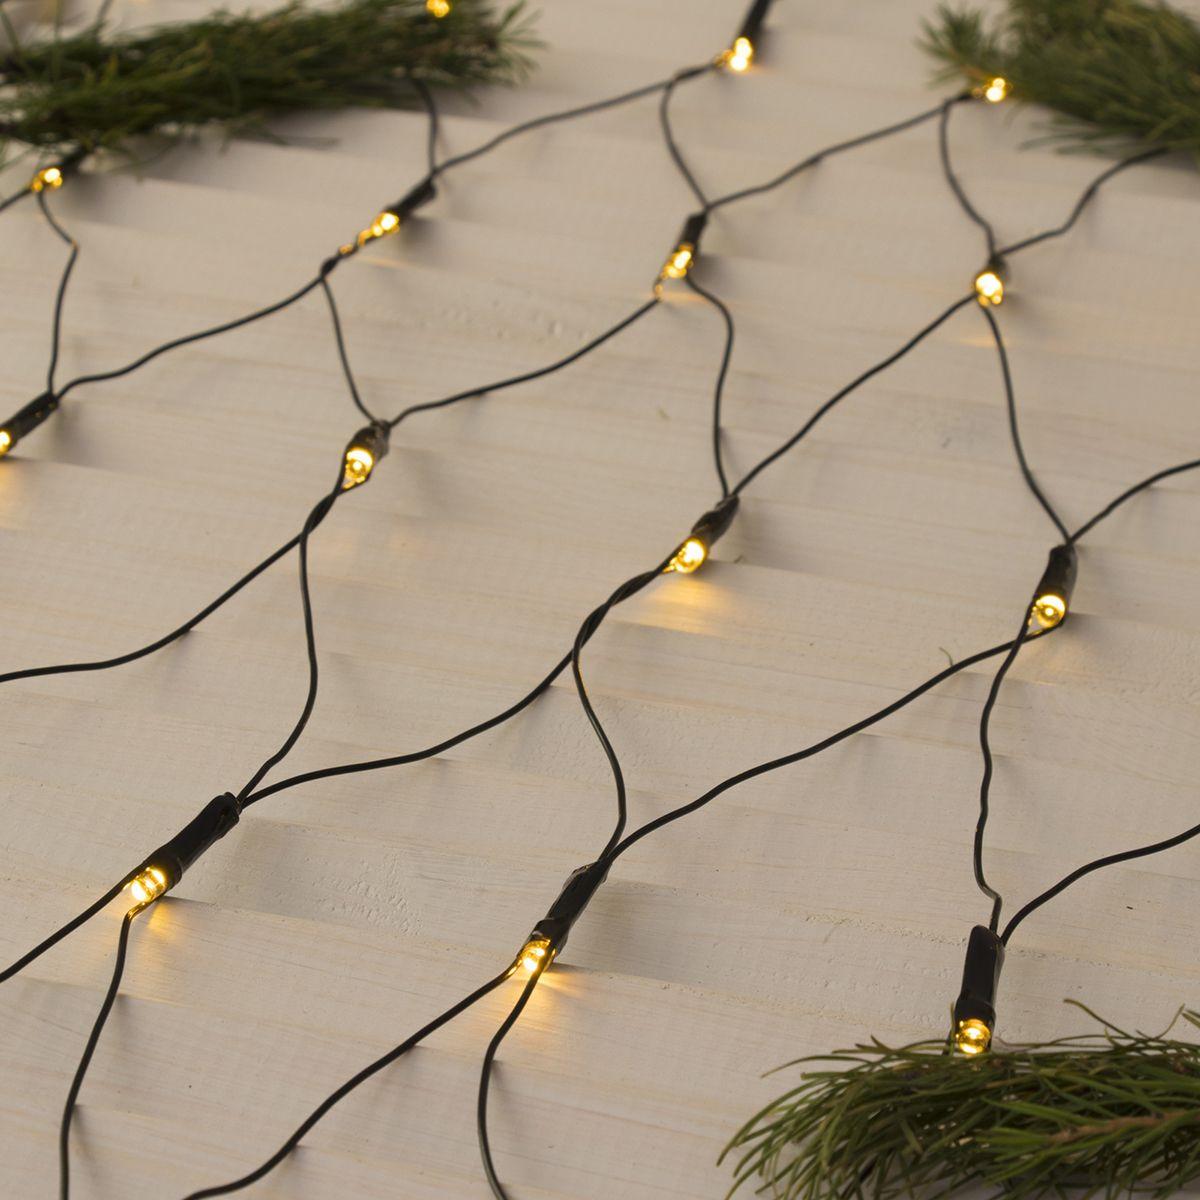 Гирлянда электрическая Luazon Lighting Сеть, нить темная, цвет: теплый белый, 224 LED, 220 V, 8 режимов, 2 х 2 м гирлянда уличная luazon lighting сеть умс нить прозрачная цвет разноцветный 192 led 2 х 1 5 м